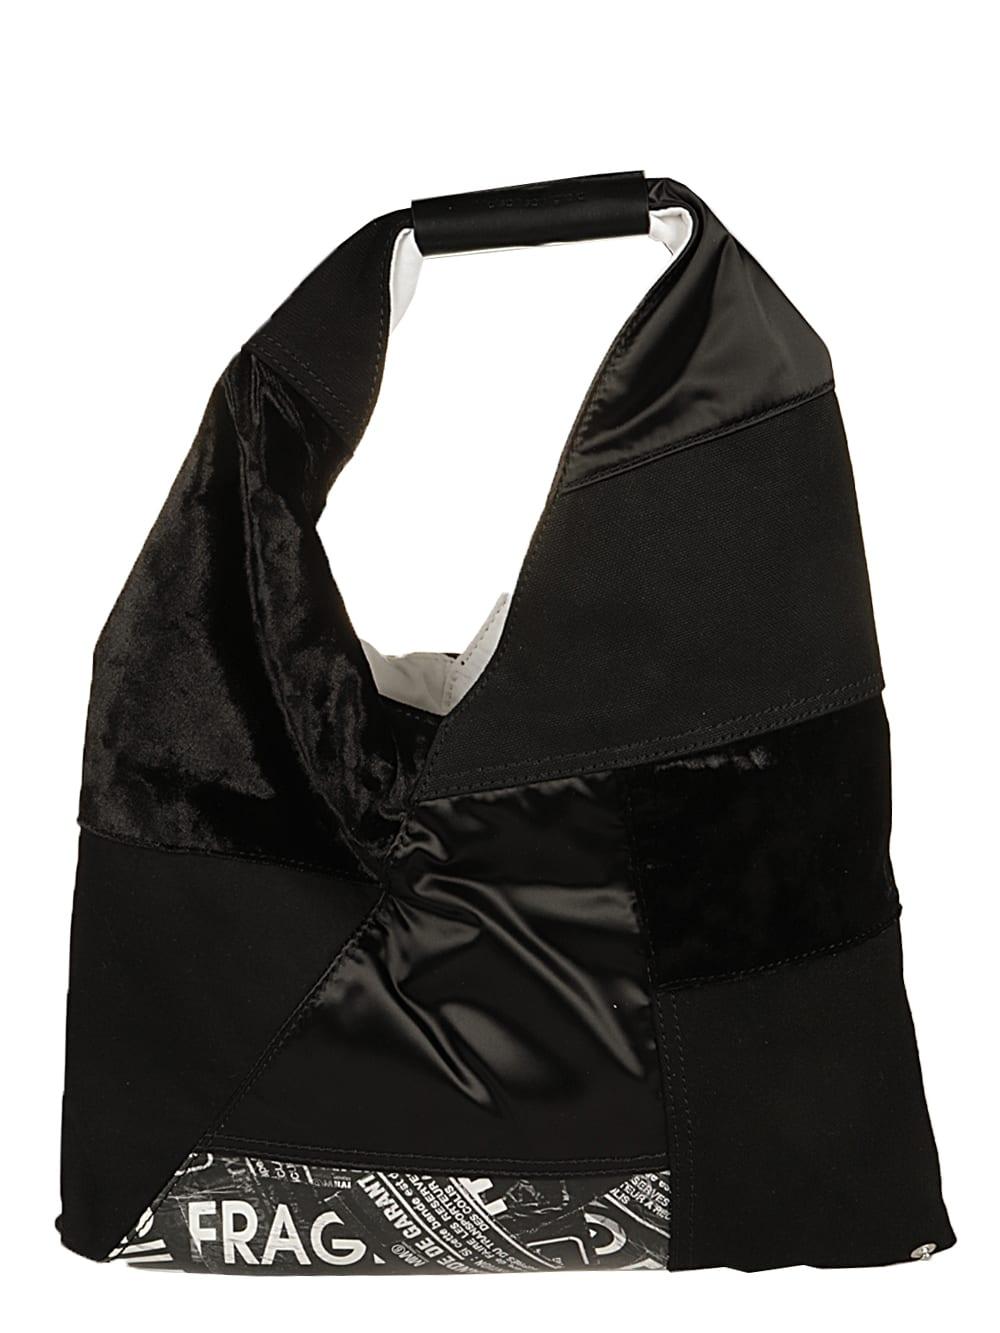 Mm6 Maison Margiela Leathers JAPANESE BAG SMALL PATCHWORK MIX BLACK FABRICS